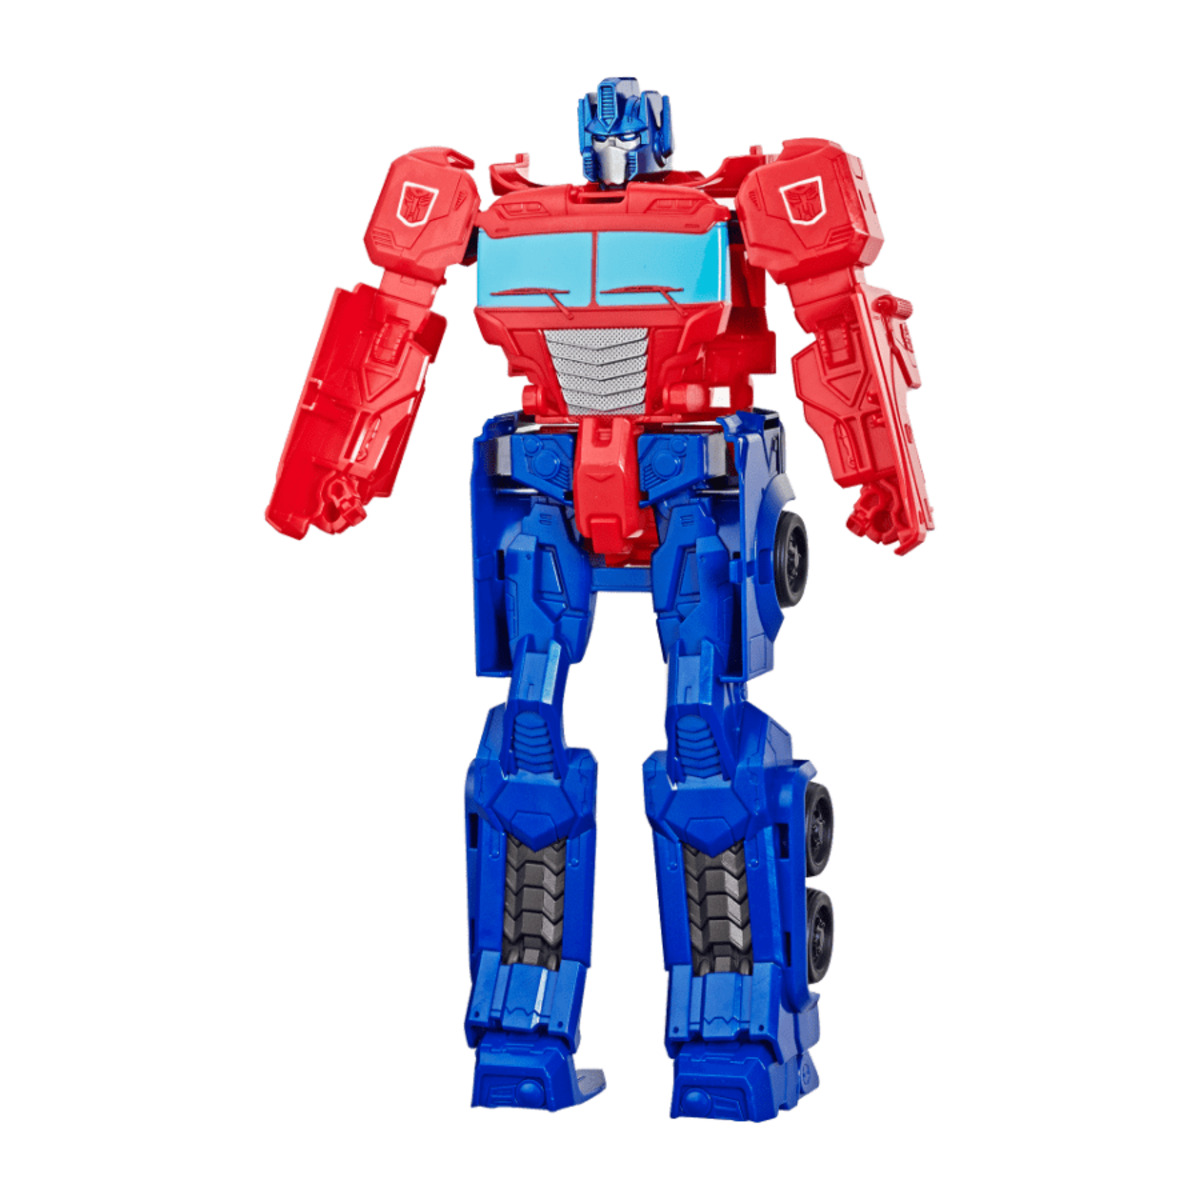 Bild 3 von Hasbro Transformers Titan Changers